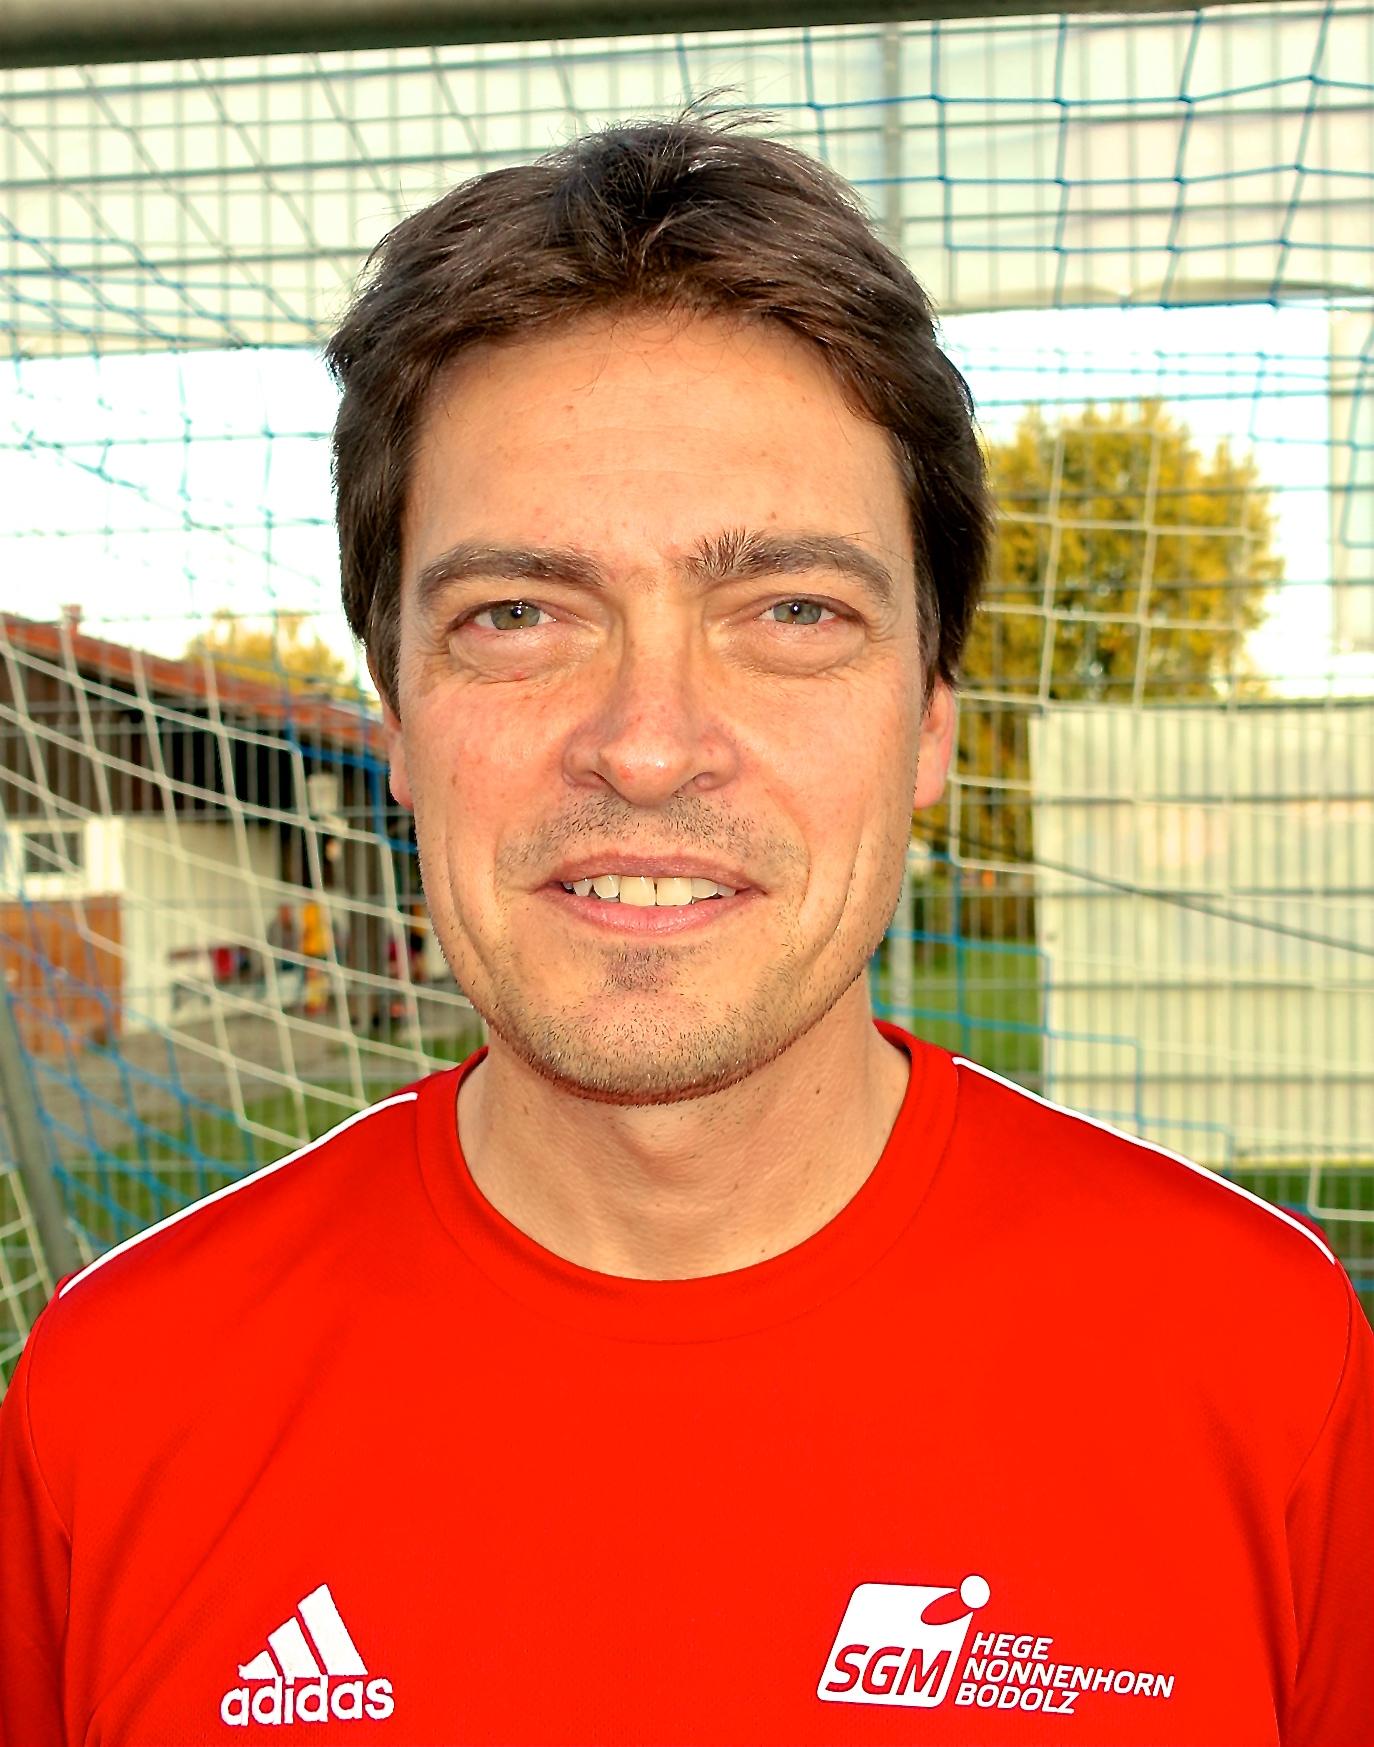 Jochen Weil